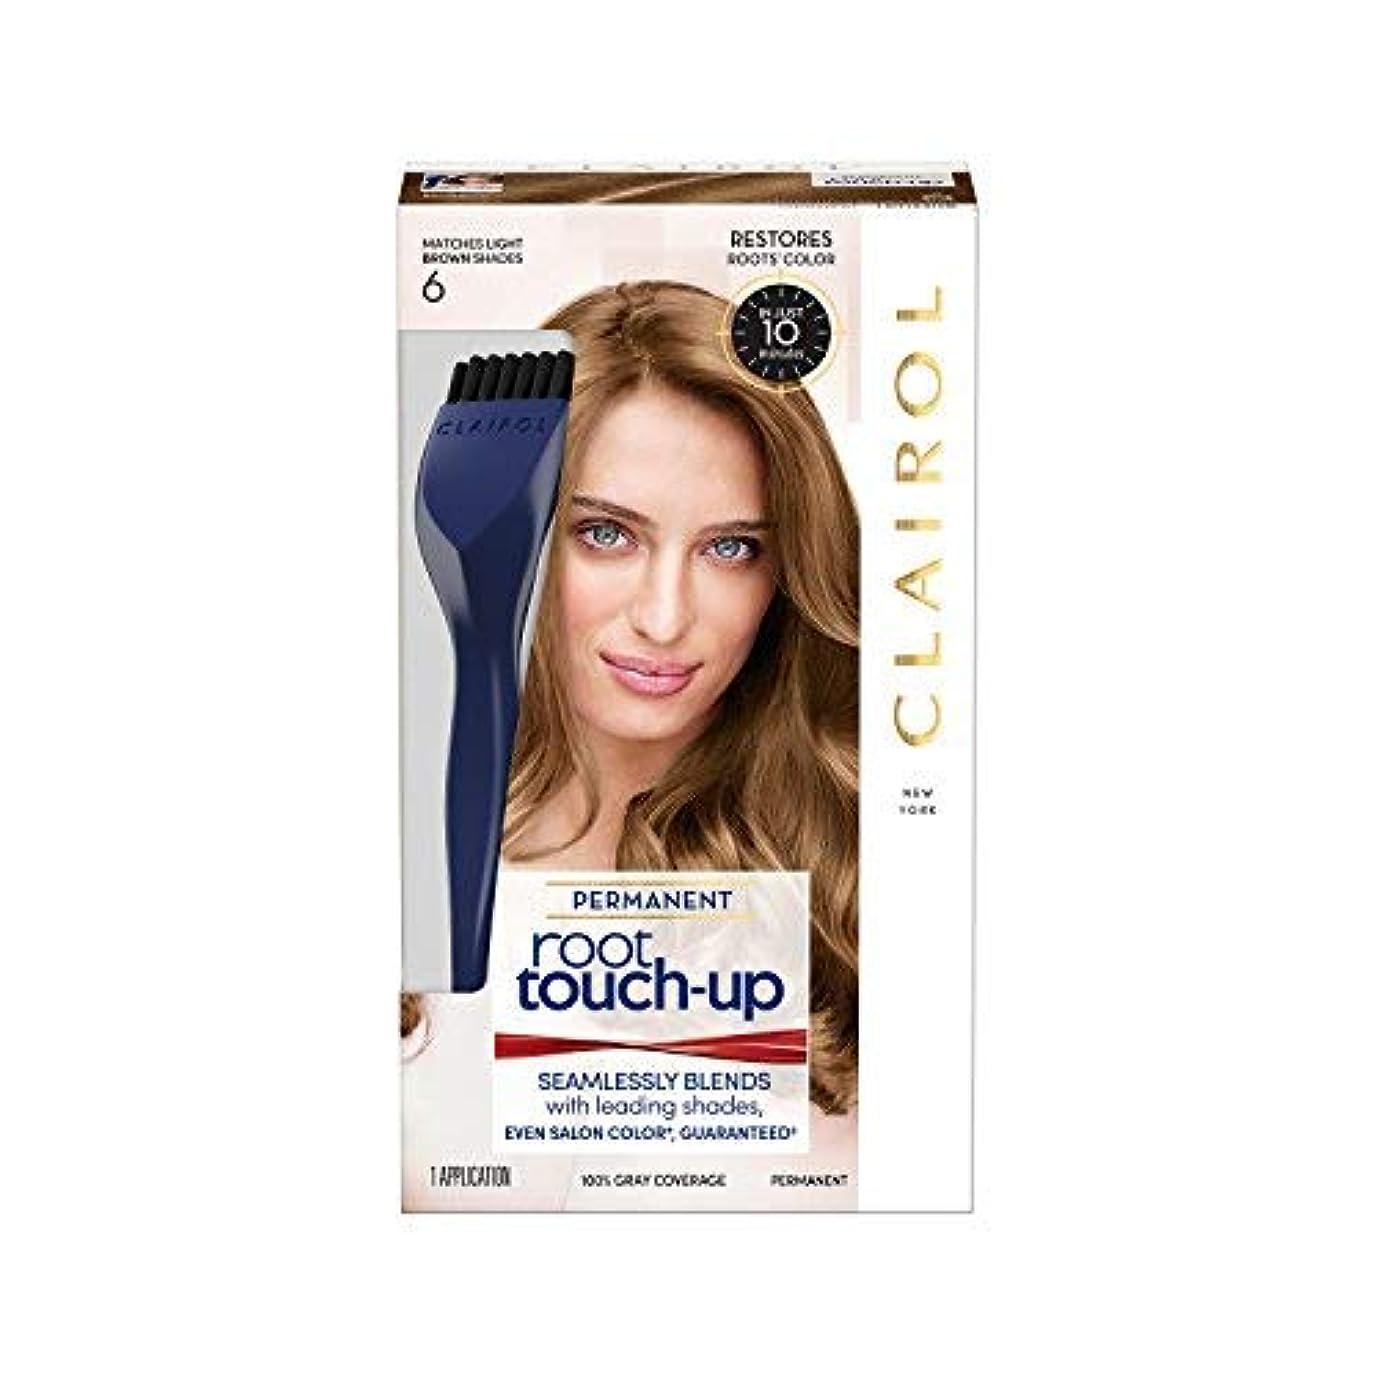 強制パテロードハウス海外直送品 ルートタッチ Root Touch-Up - Just The Brunette Shades 6 自宅で10分?簡単ルートカラー (柔らかなライトブラウン)